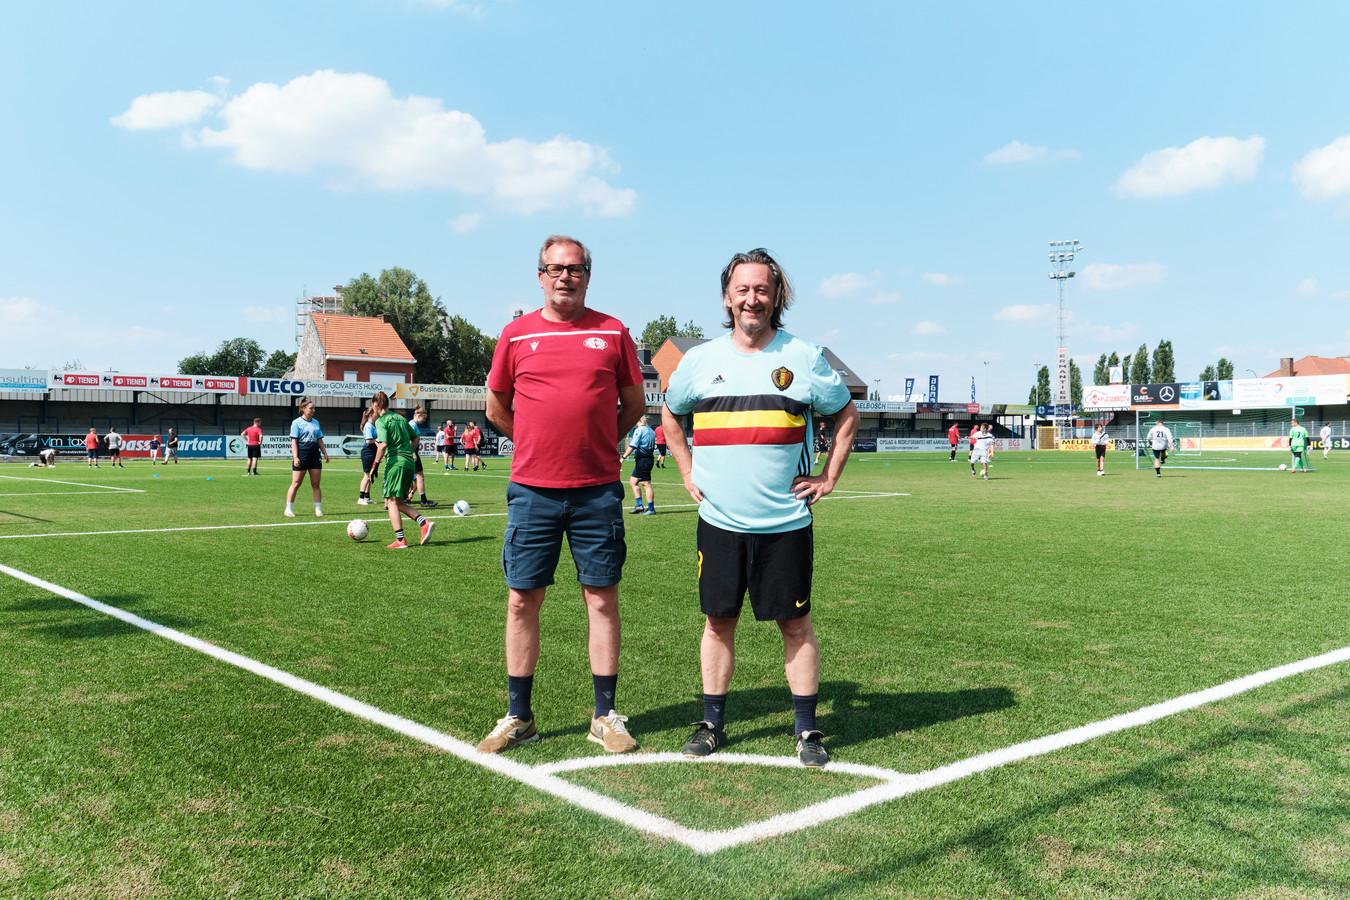 Philippe Verbiest, jeugdmanager, en Peter Den Ruyter, voorzitter jeugd werking bij KVK Tienen.